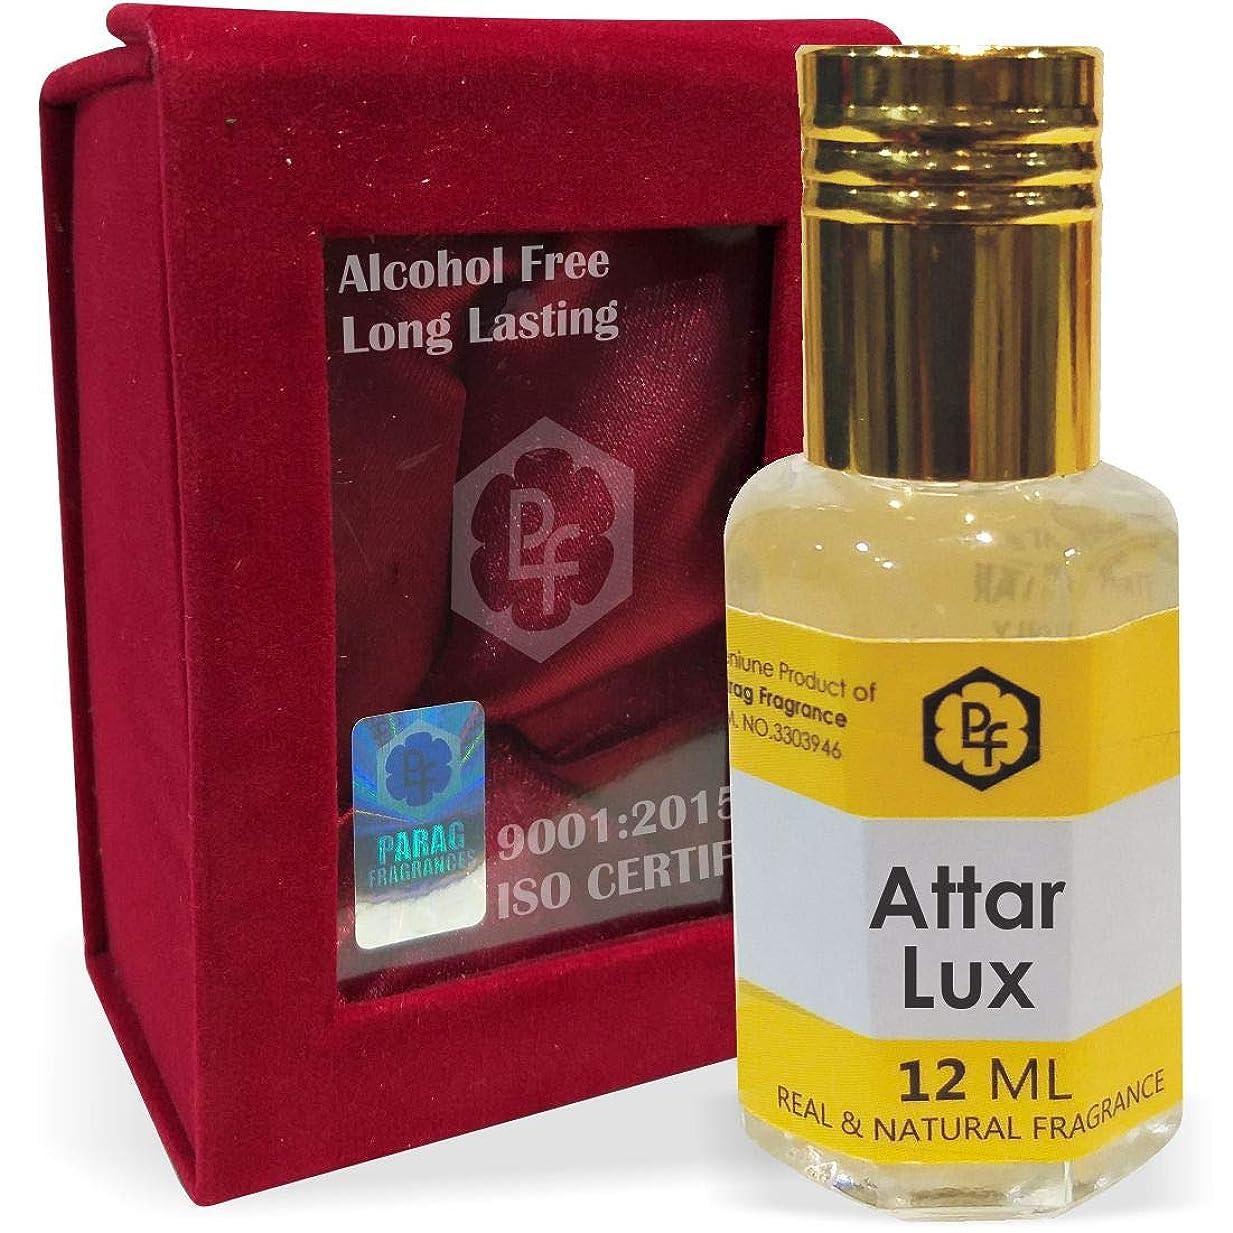 量すなわち問い合わせるParagフレグランスルクス手作りベルベットボックス12ミリリットルアター/香水(インドの伝統的なBhapka処理方法により、インド製)オイル/フレグランスオイル 長持ちアターITRA最高の品質